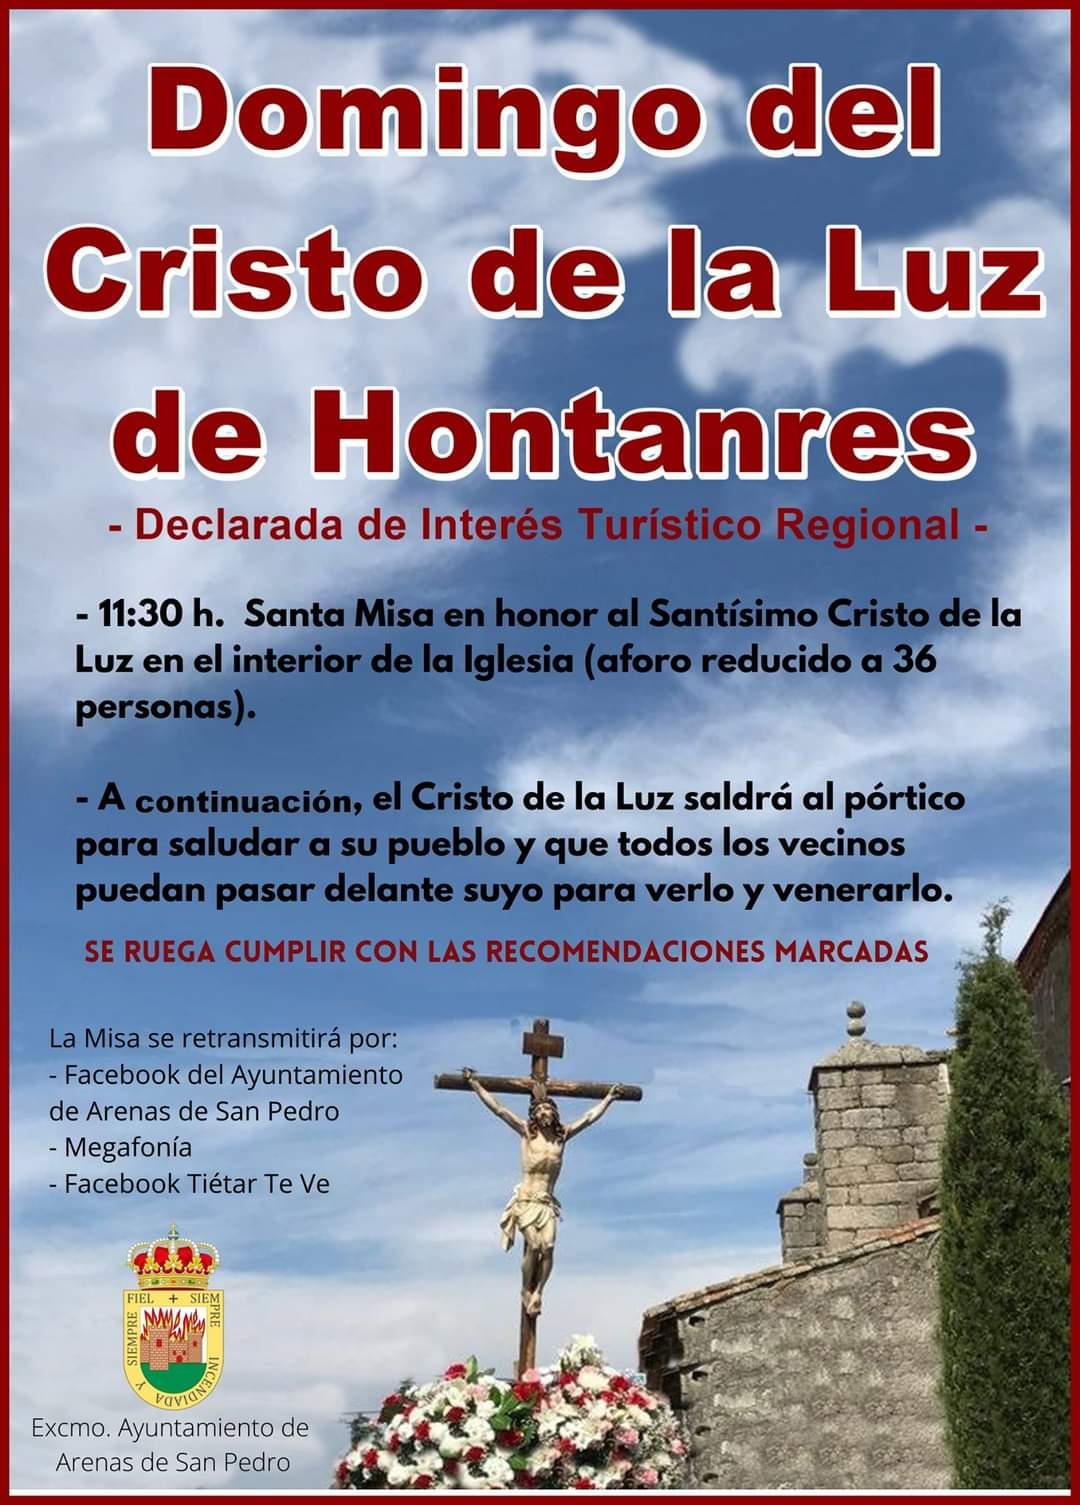 Domingo del Cristo de La Luz de Hontanares 2021